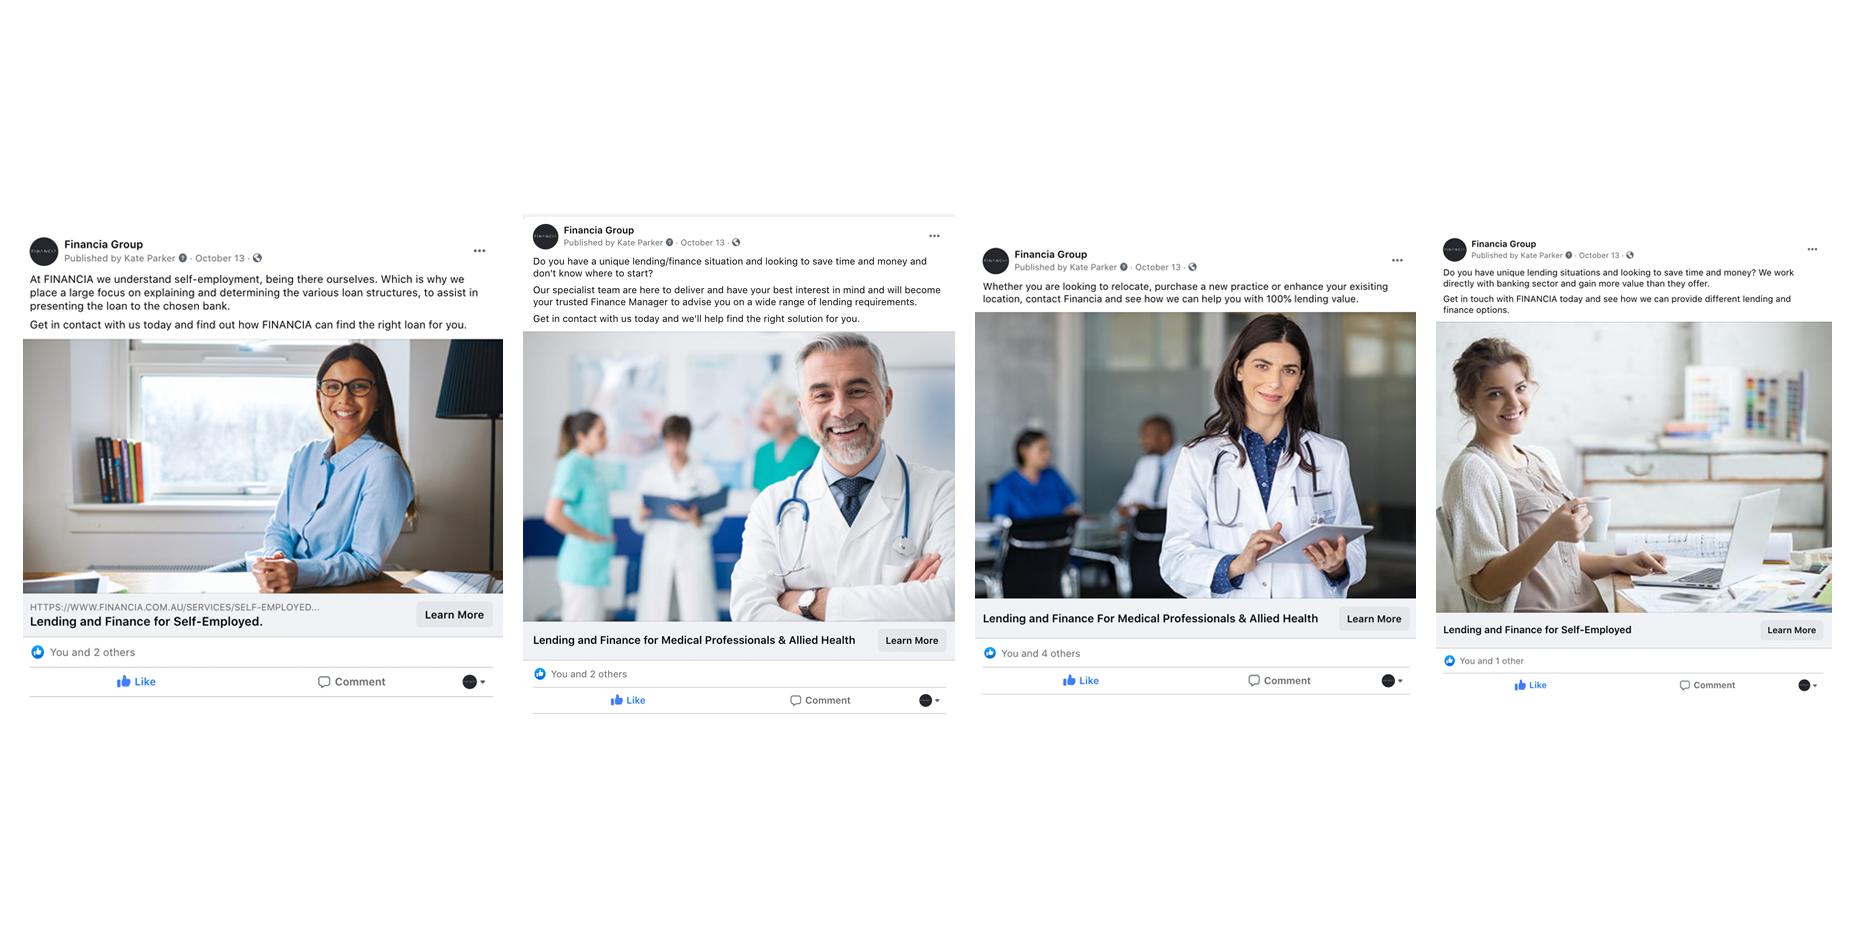 Financia Facebook Advertising